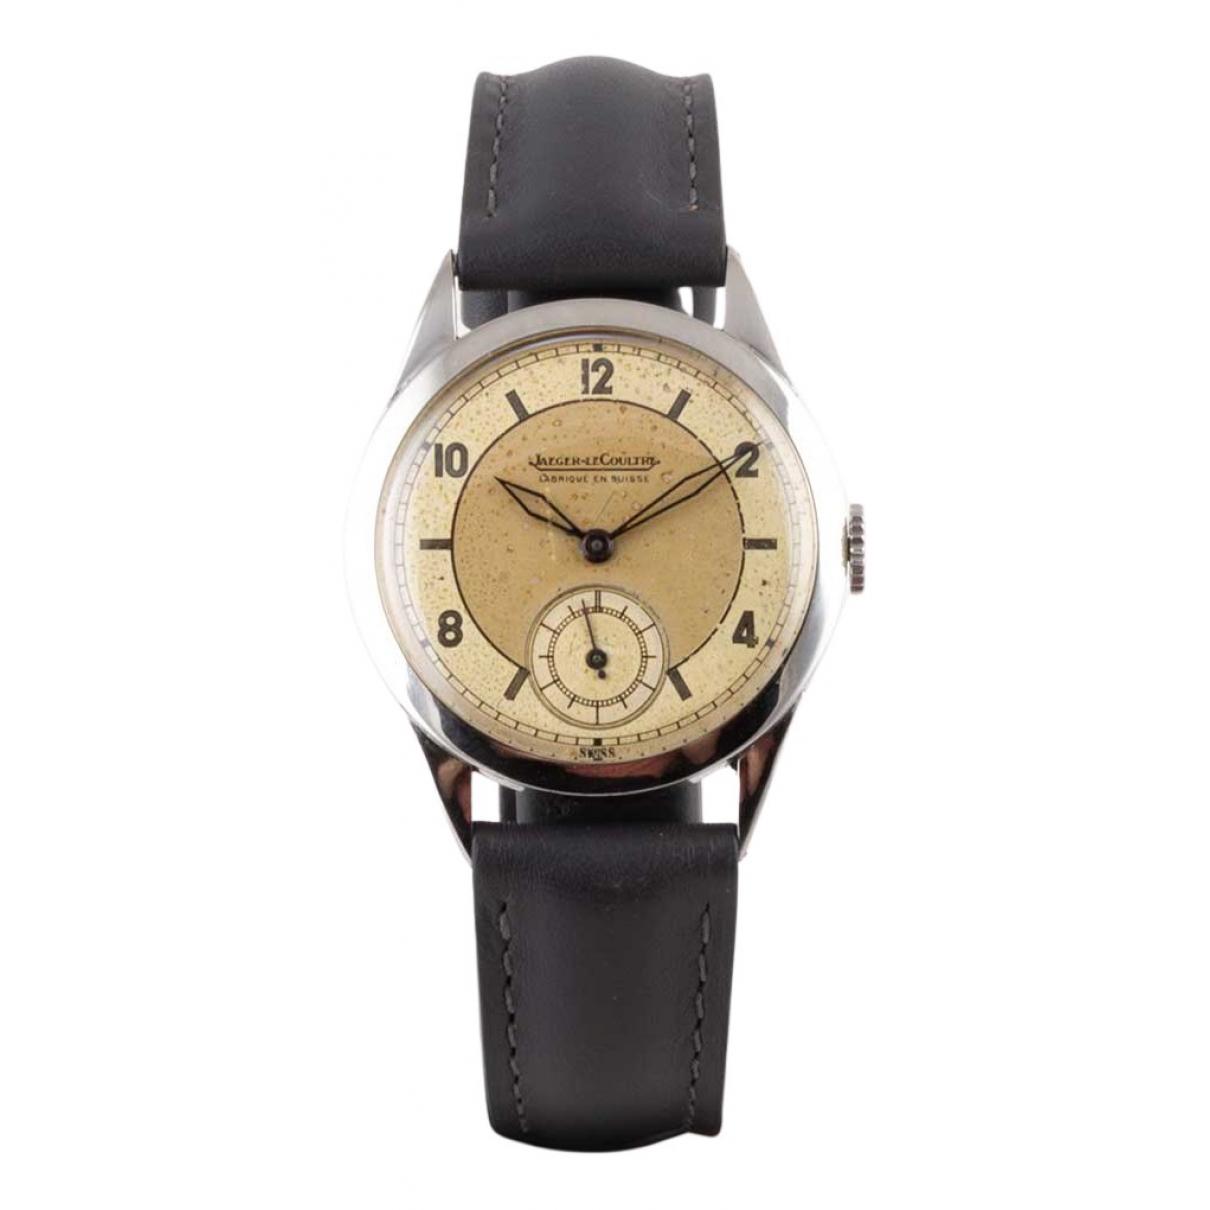 Jaeger-lecoultre Vintage Uhr in  Silber Stahl